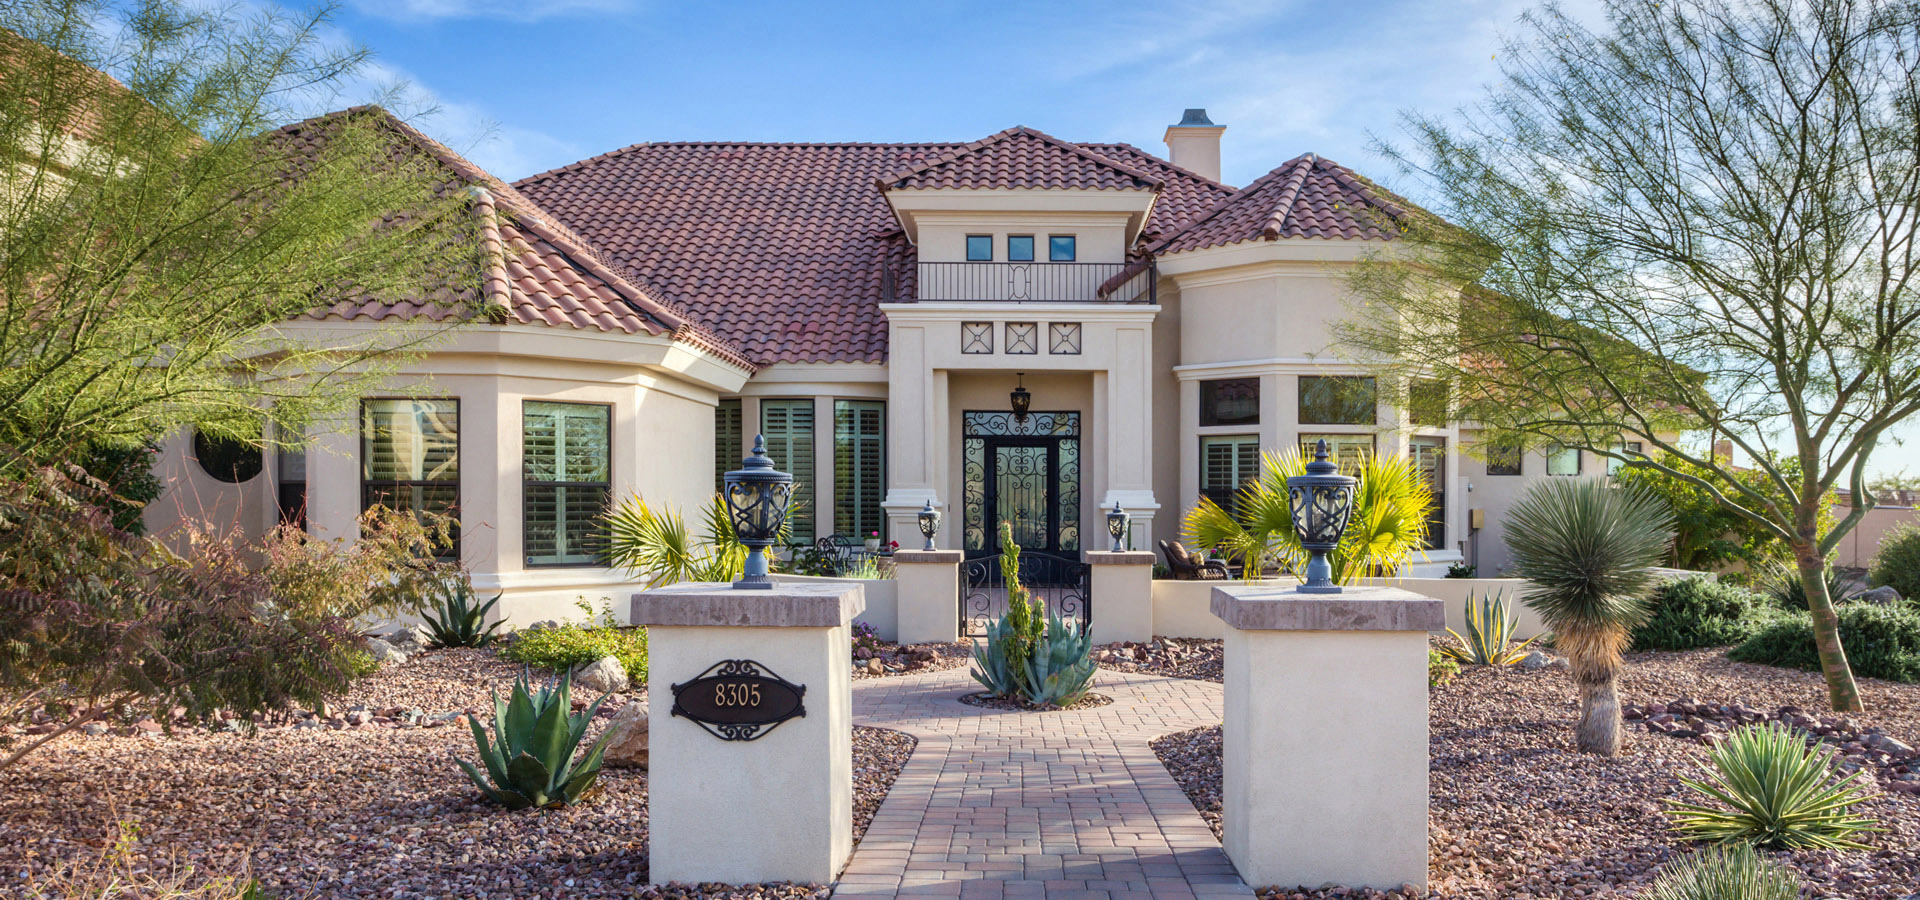 HomeFinder Resource Phoenix Area Homes